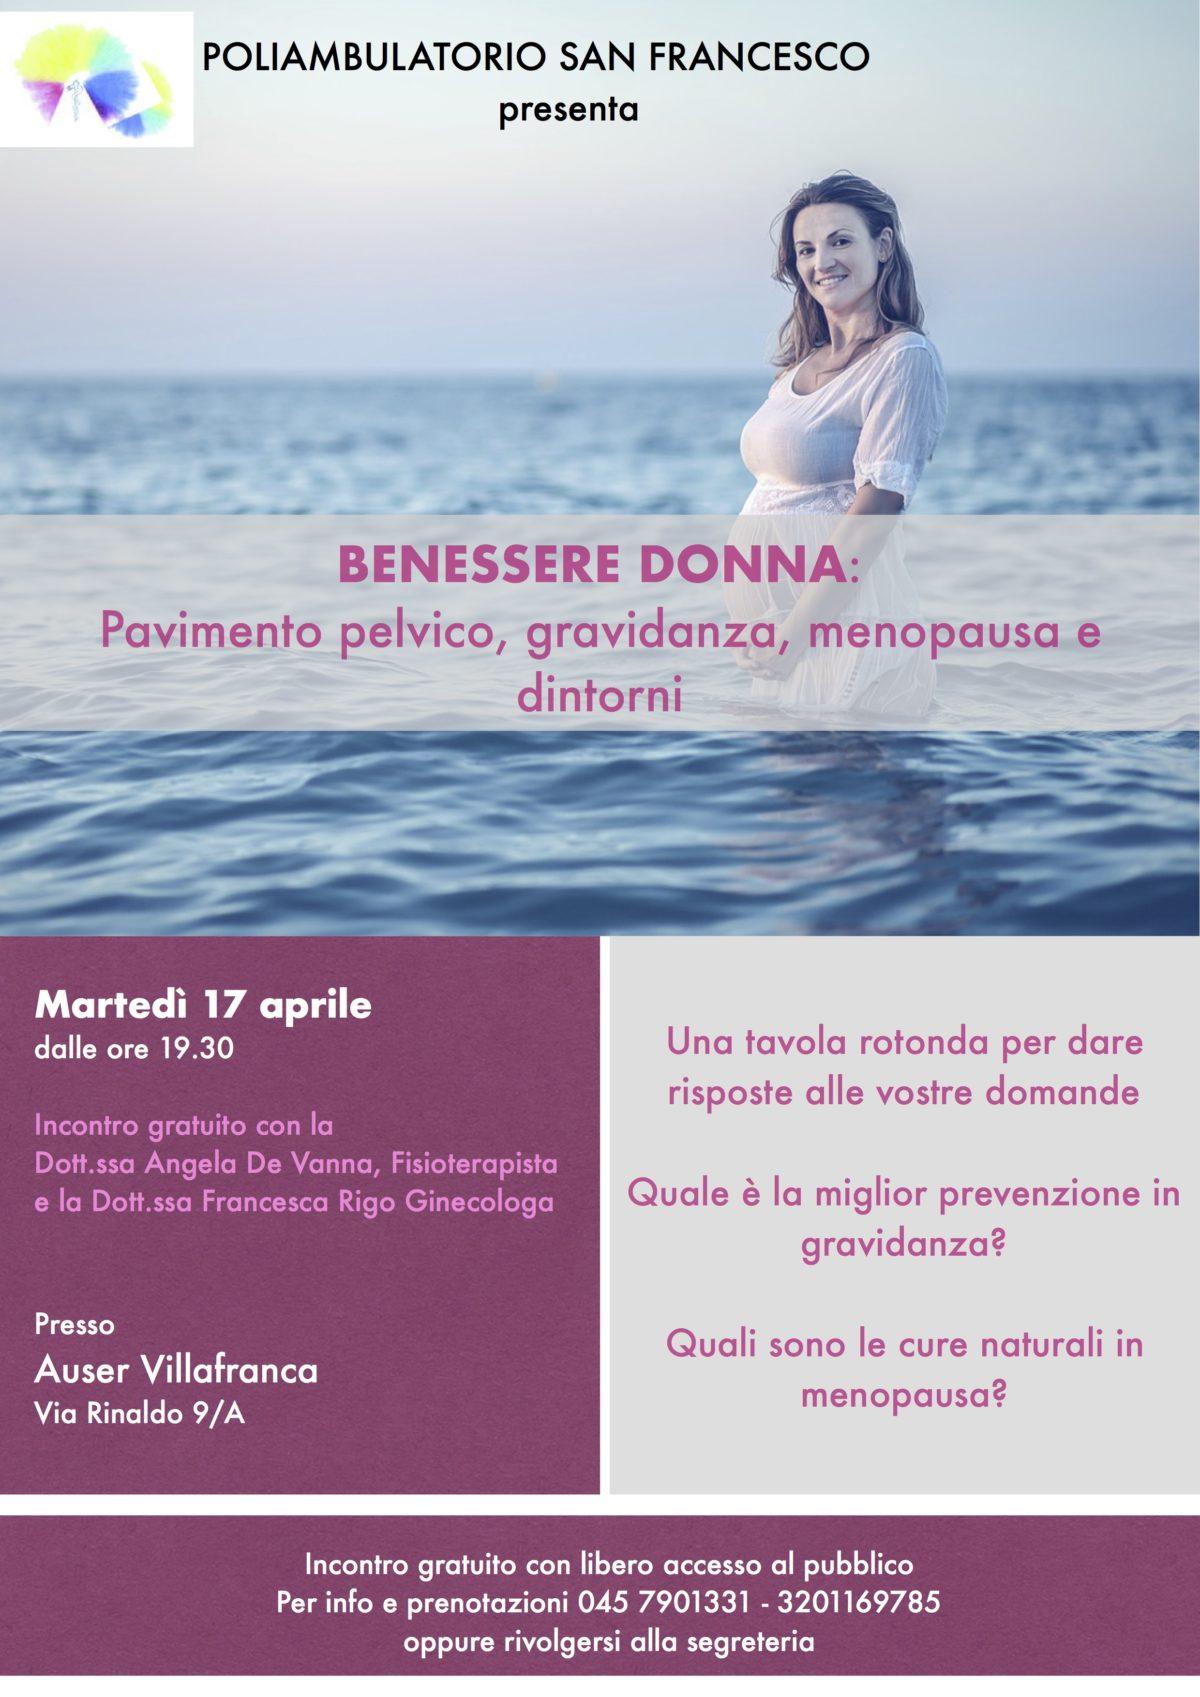 17-Aprile-2018-serata-Auser-Poliambulatorio-San-Francesco-Villafranca-1200x1697.jpg